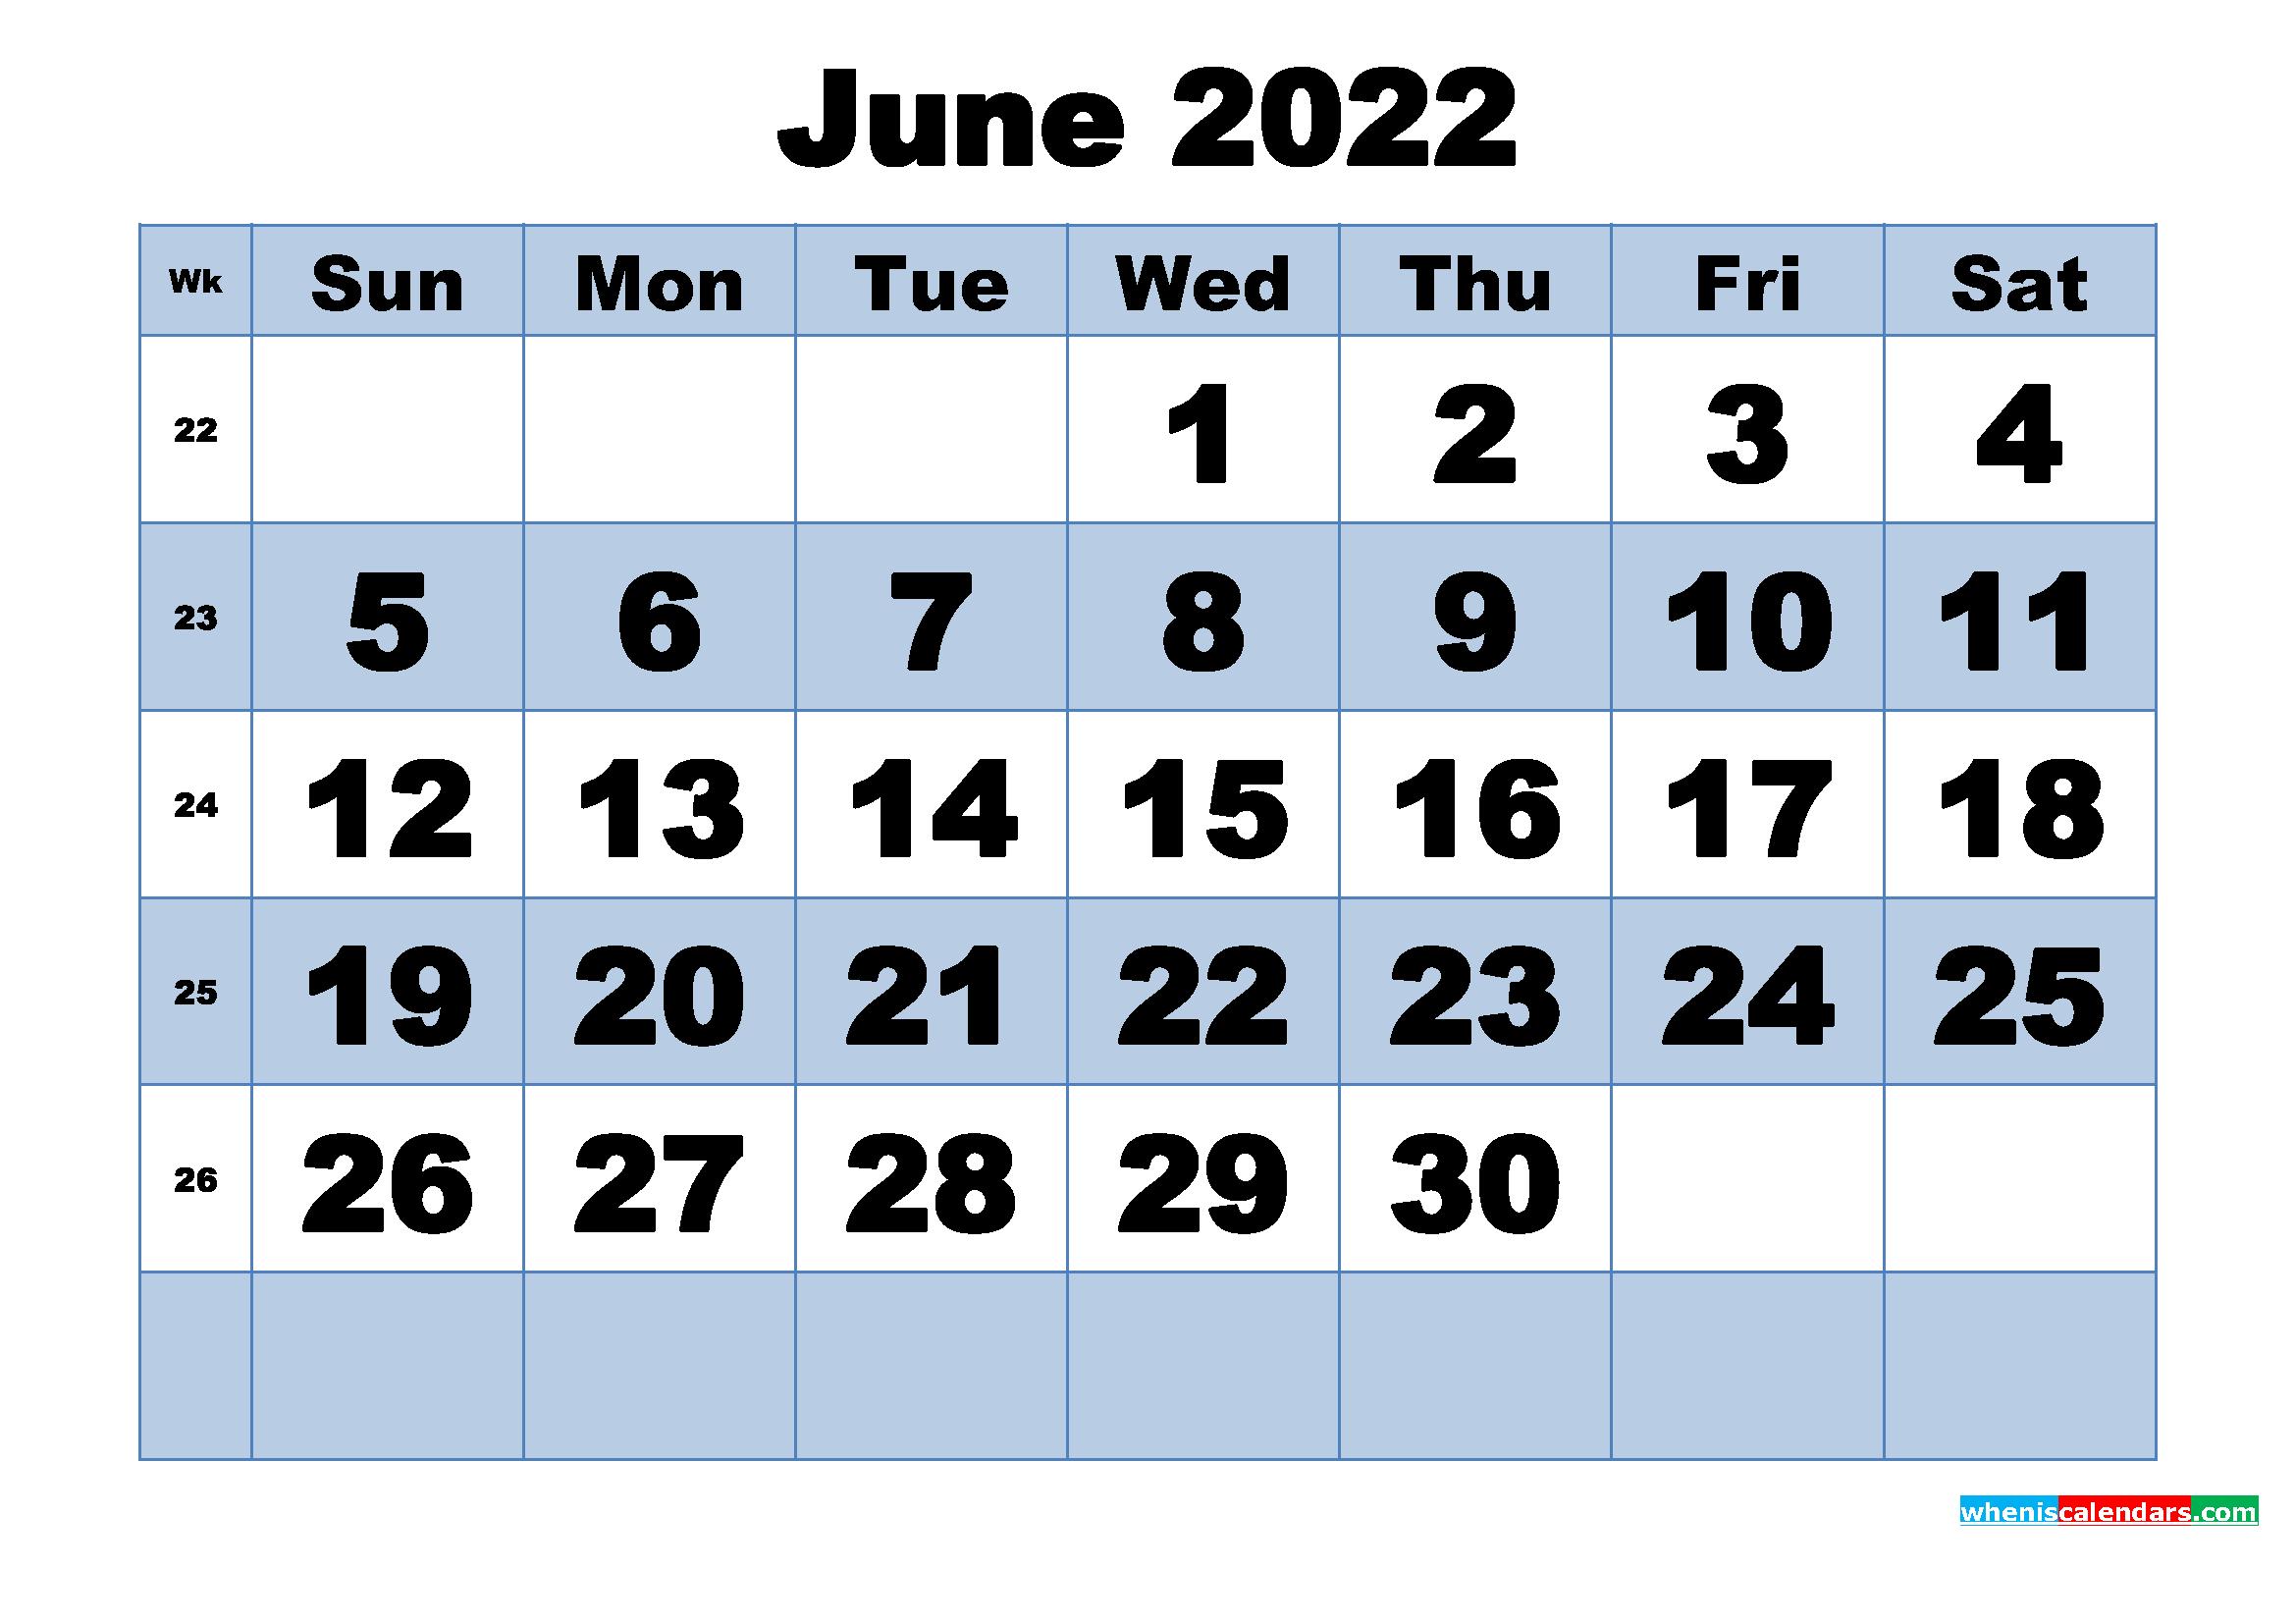 Free Printable June 2022 Calendar with Week Numbers - Free ...